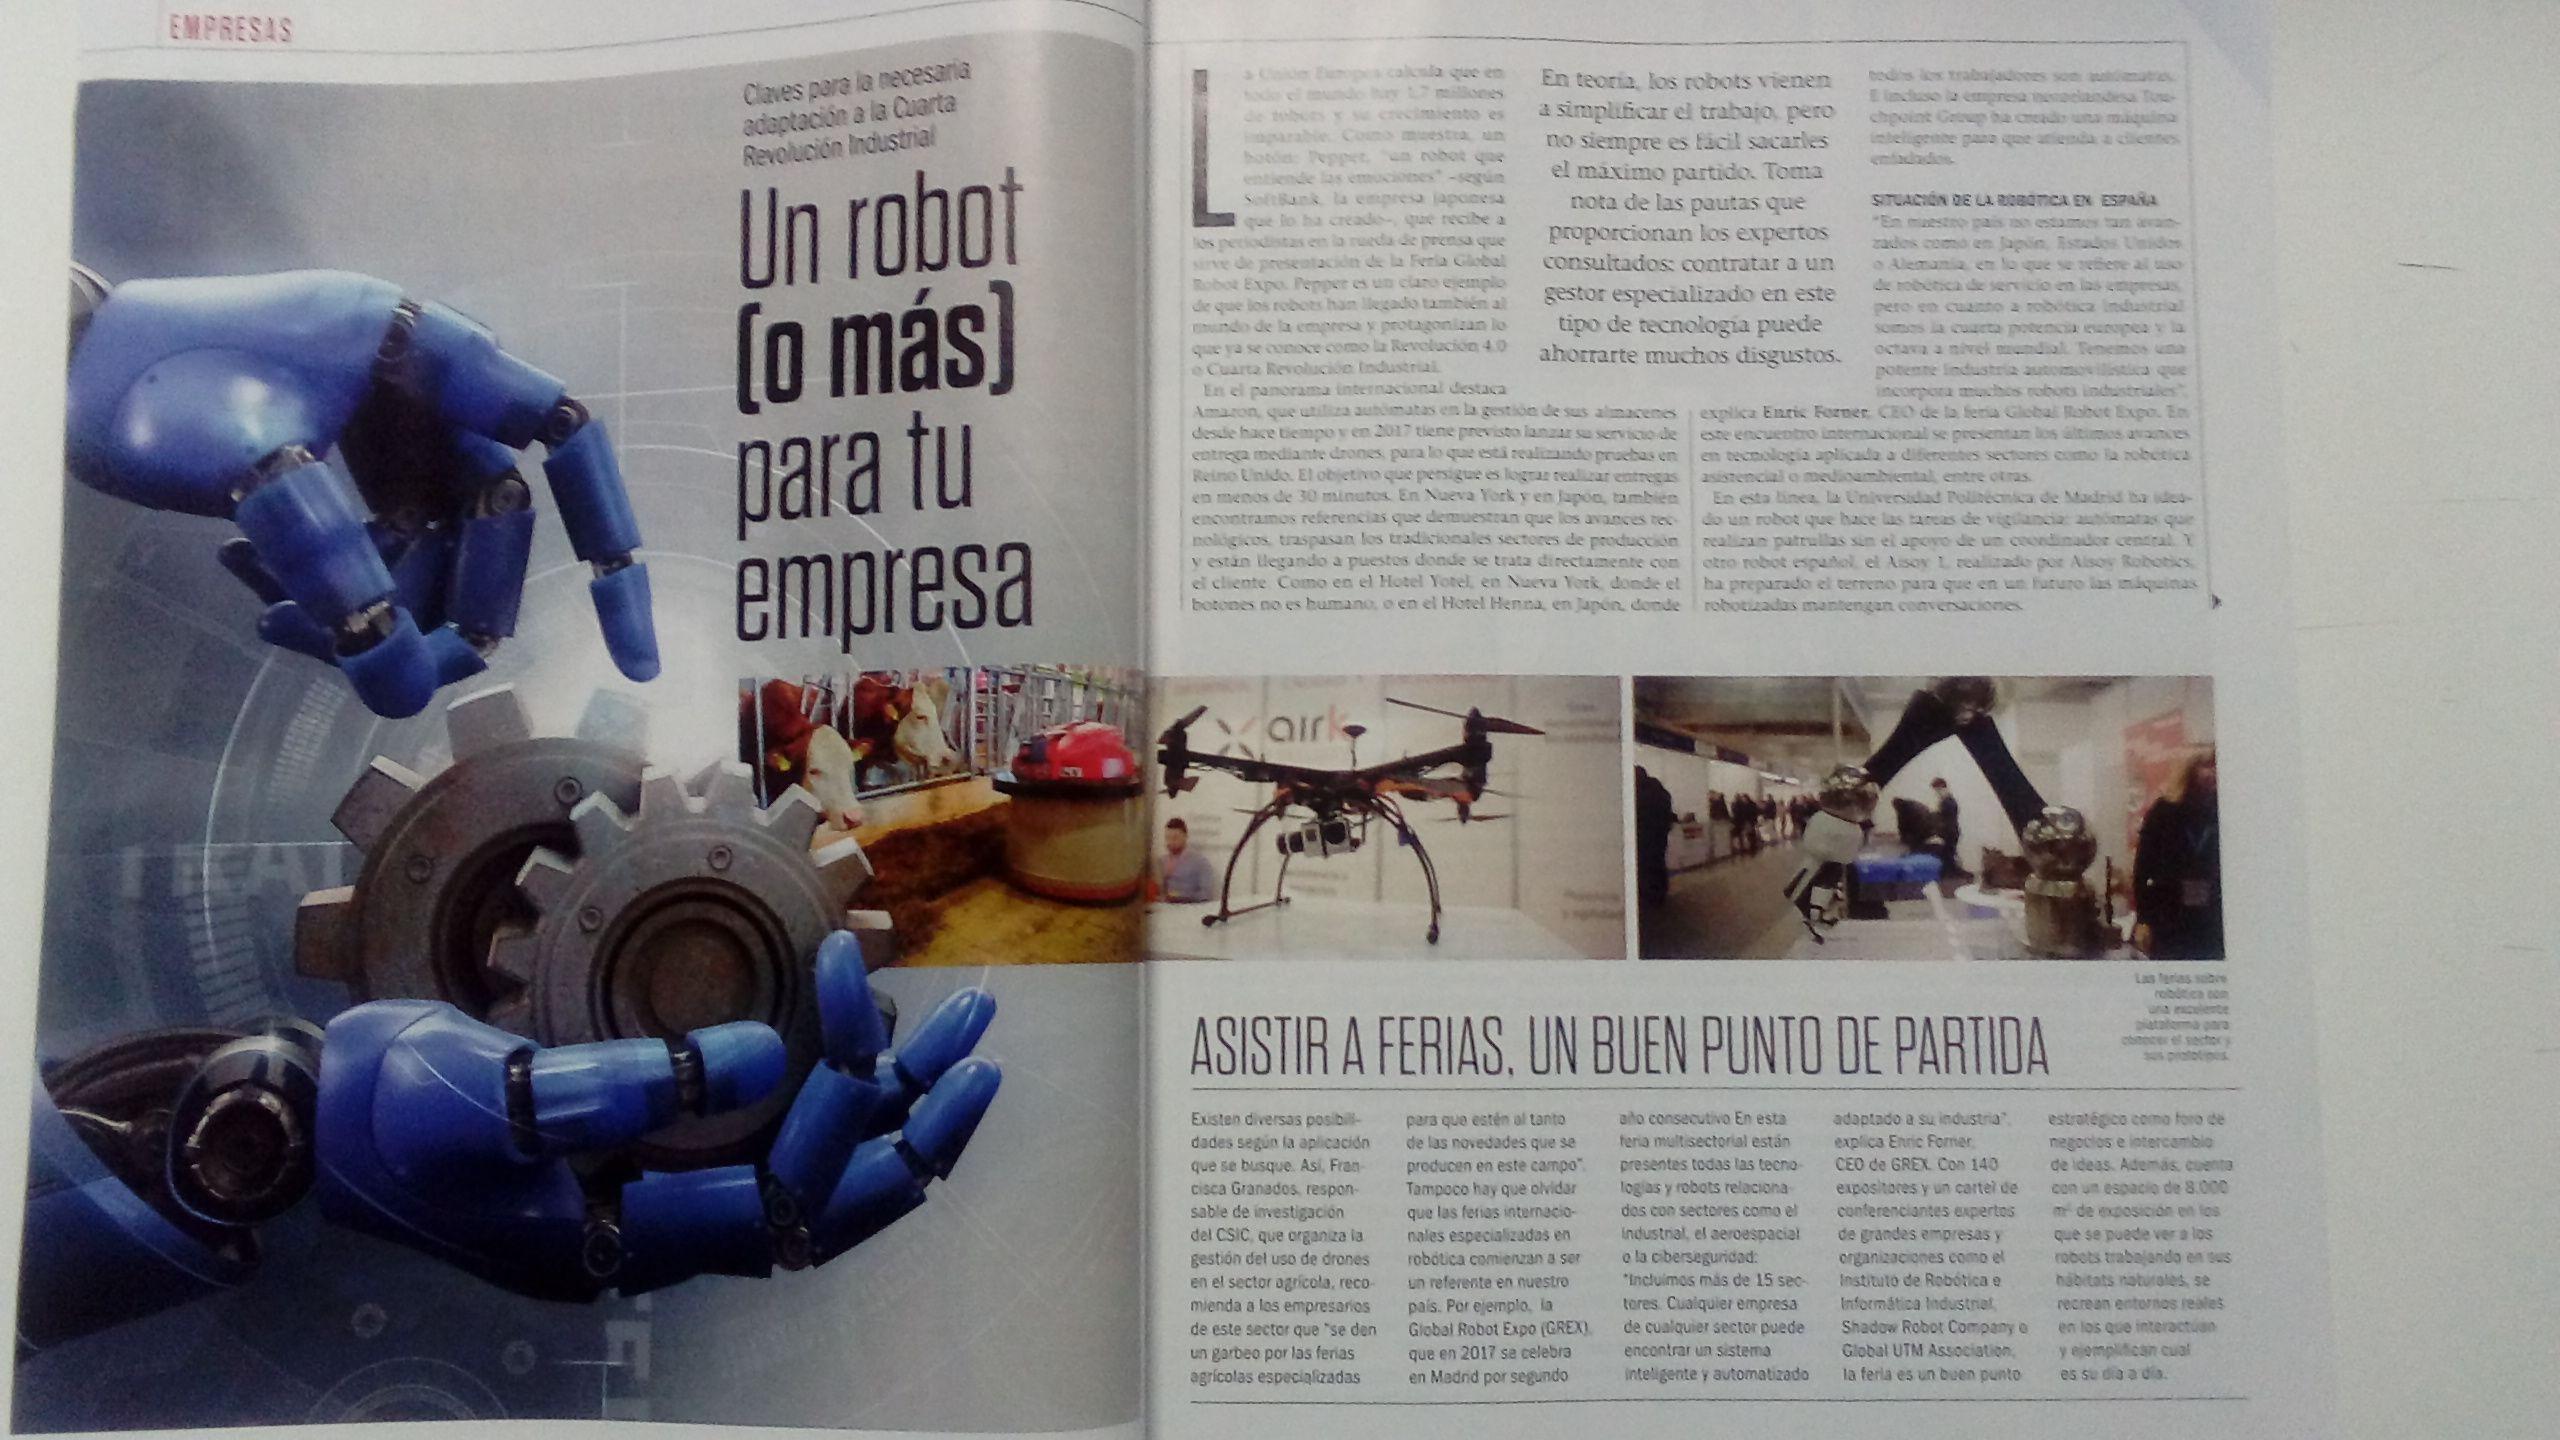 Reportaje en la revista Emprendedores: Claves para gestionar los recursos de robótica en tu empresa